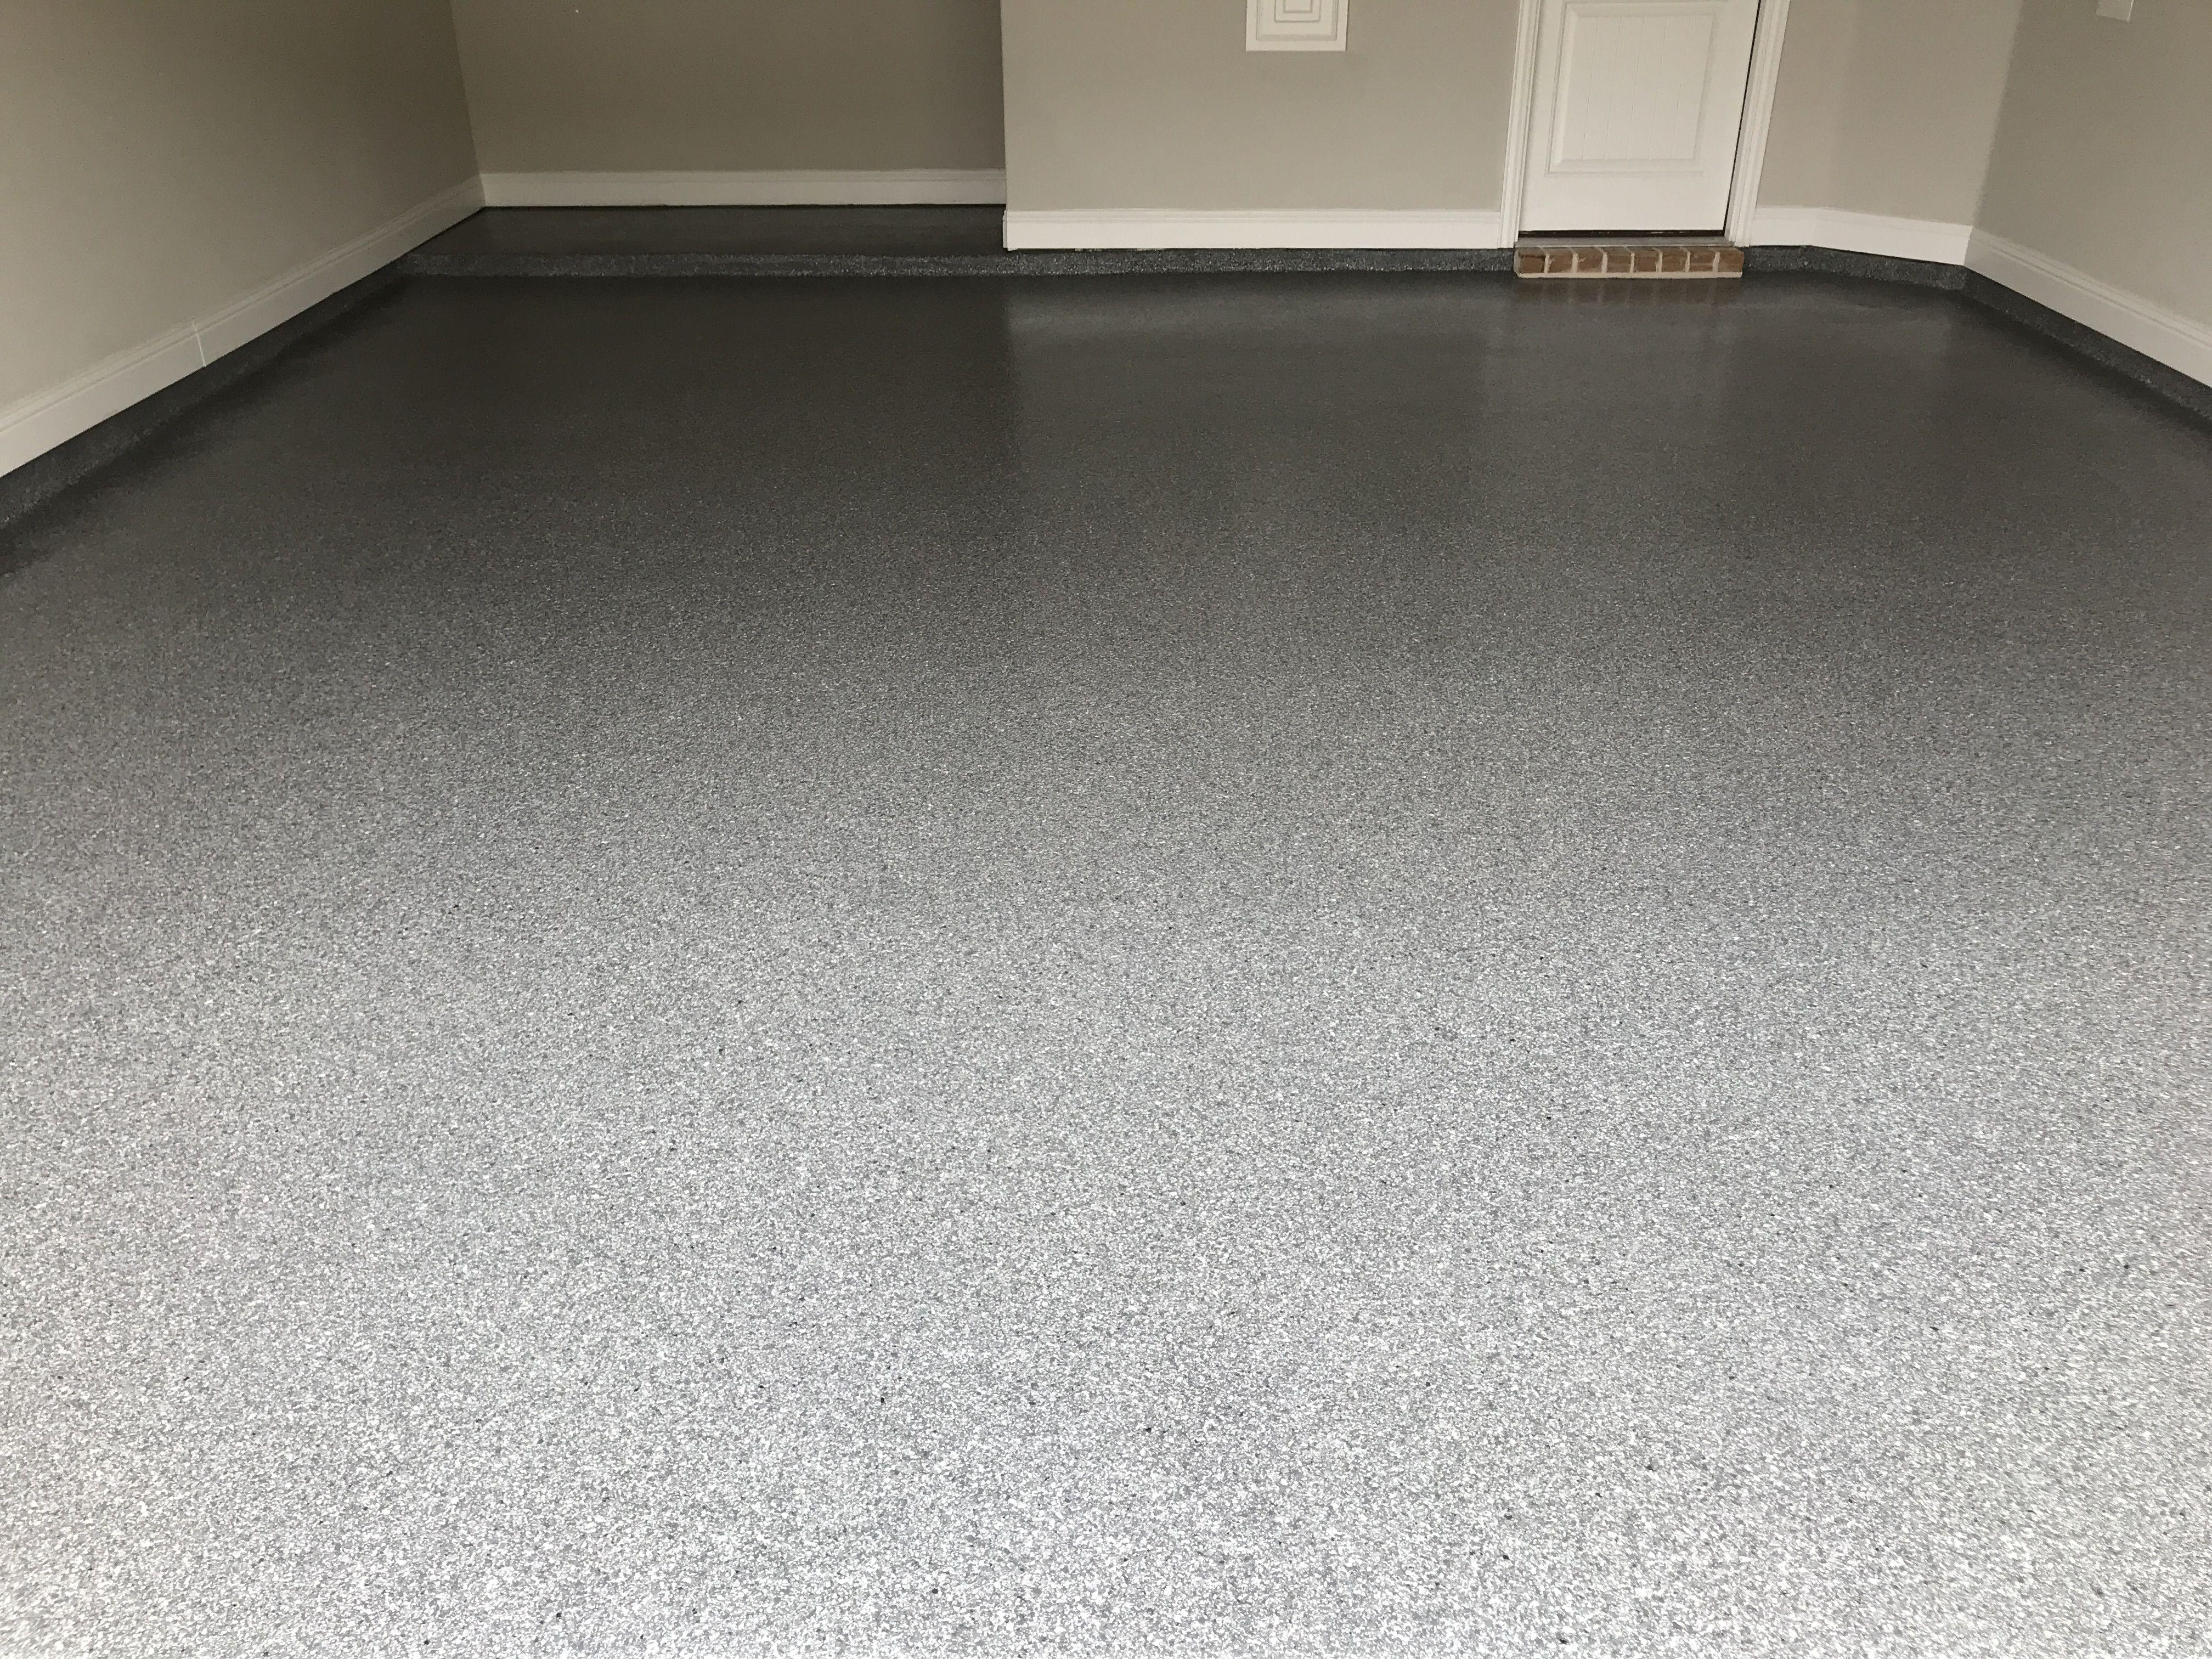 Classic Finish Custom Color Garage Floor In Allen Epoxy Garage Floor Contractor Allen Garage Floor Garage Floor Epoxy Flooring Contractor